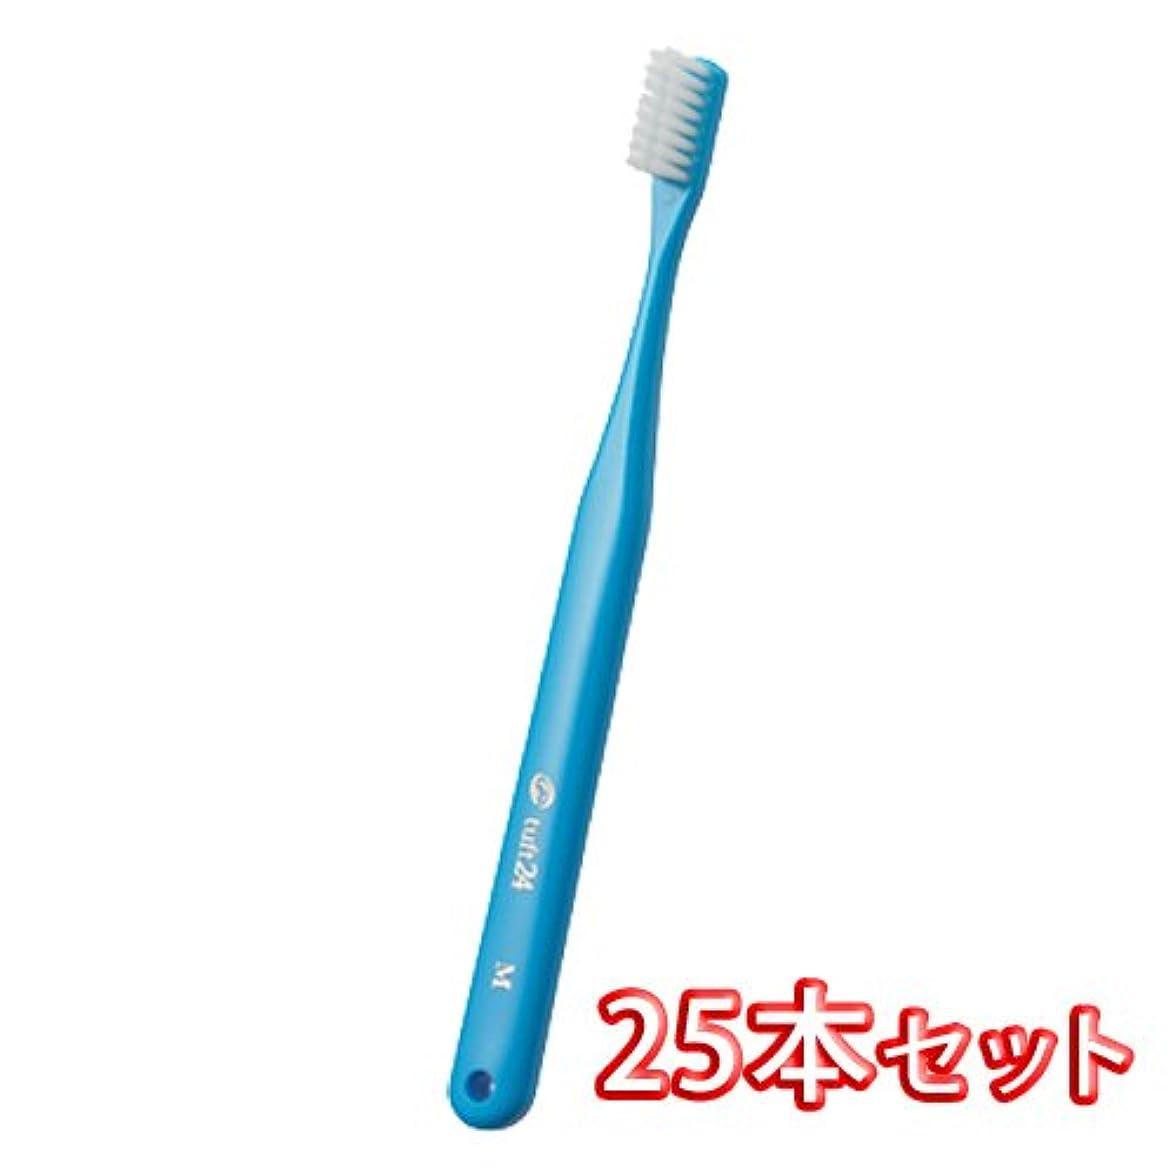 ナイロン人間で出来ているオーラルケア キャップ付き タフト 24 歯ブラシ 25本入 ミディアムハード MH (ブルー)